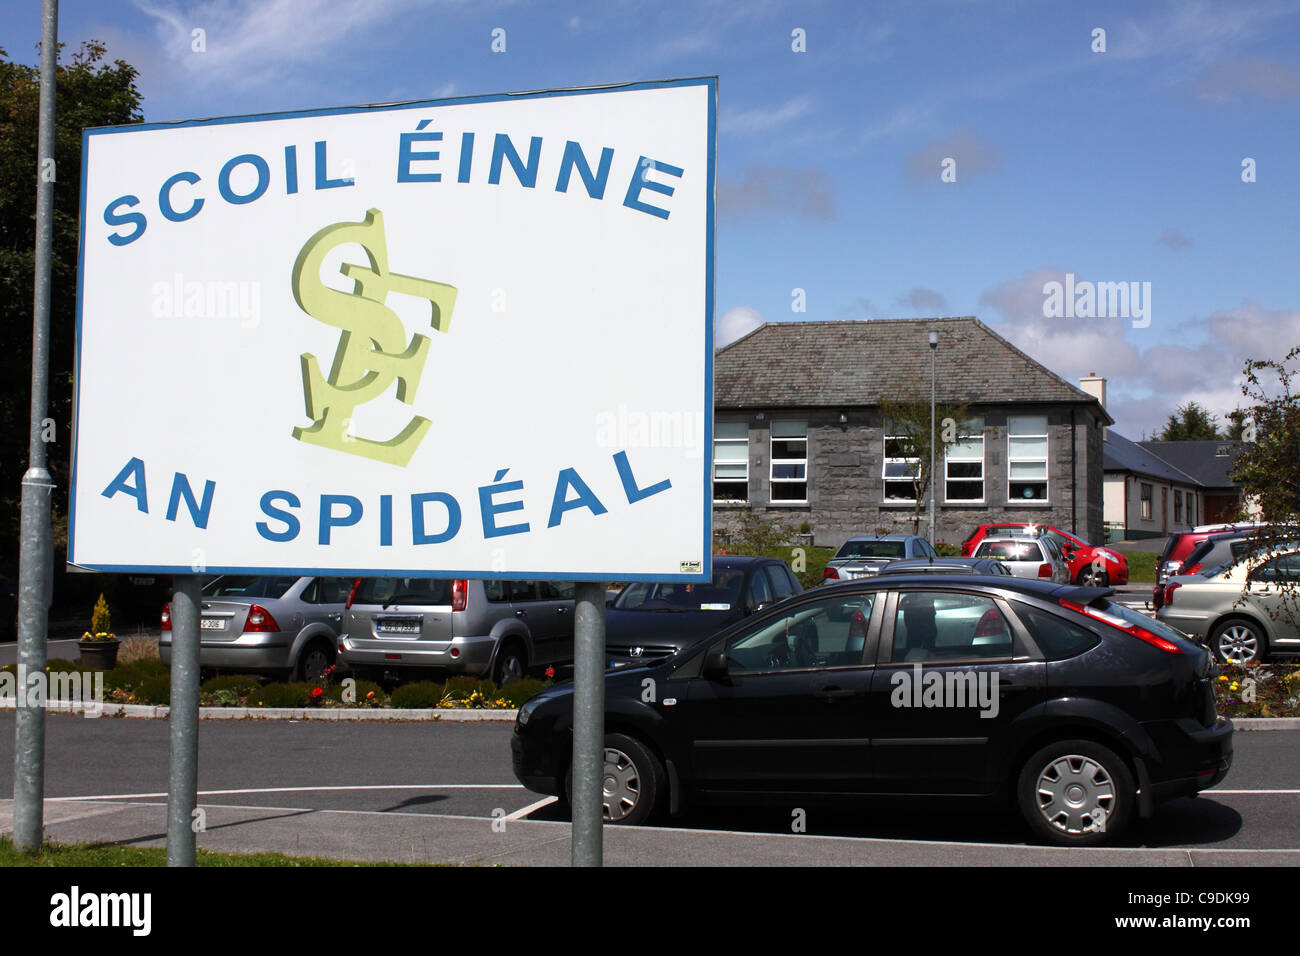 Scoil Einne, a primary school in Spiddal, Connemara, Ireland, with sign written in Irish / Gaelic - Stock Image